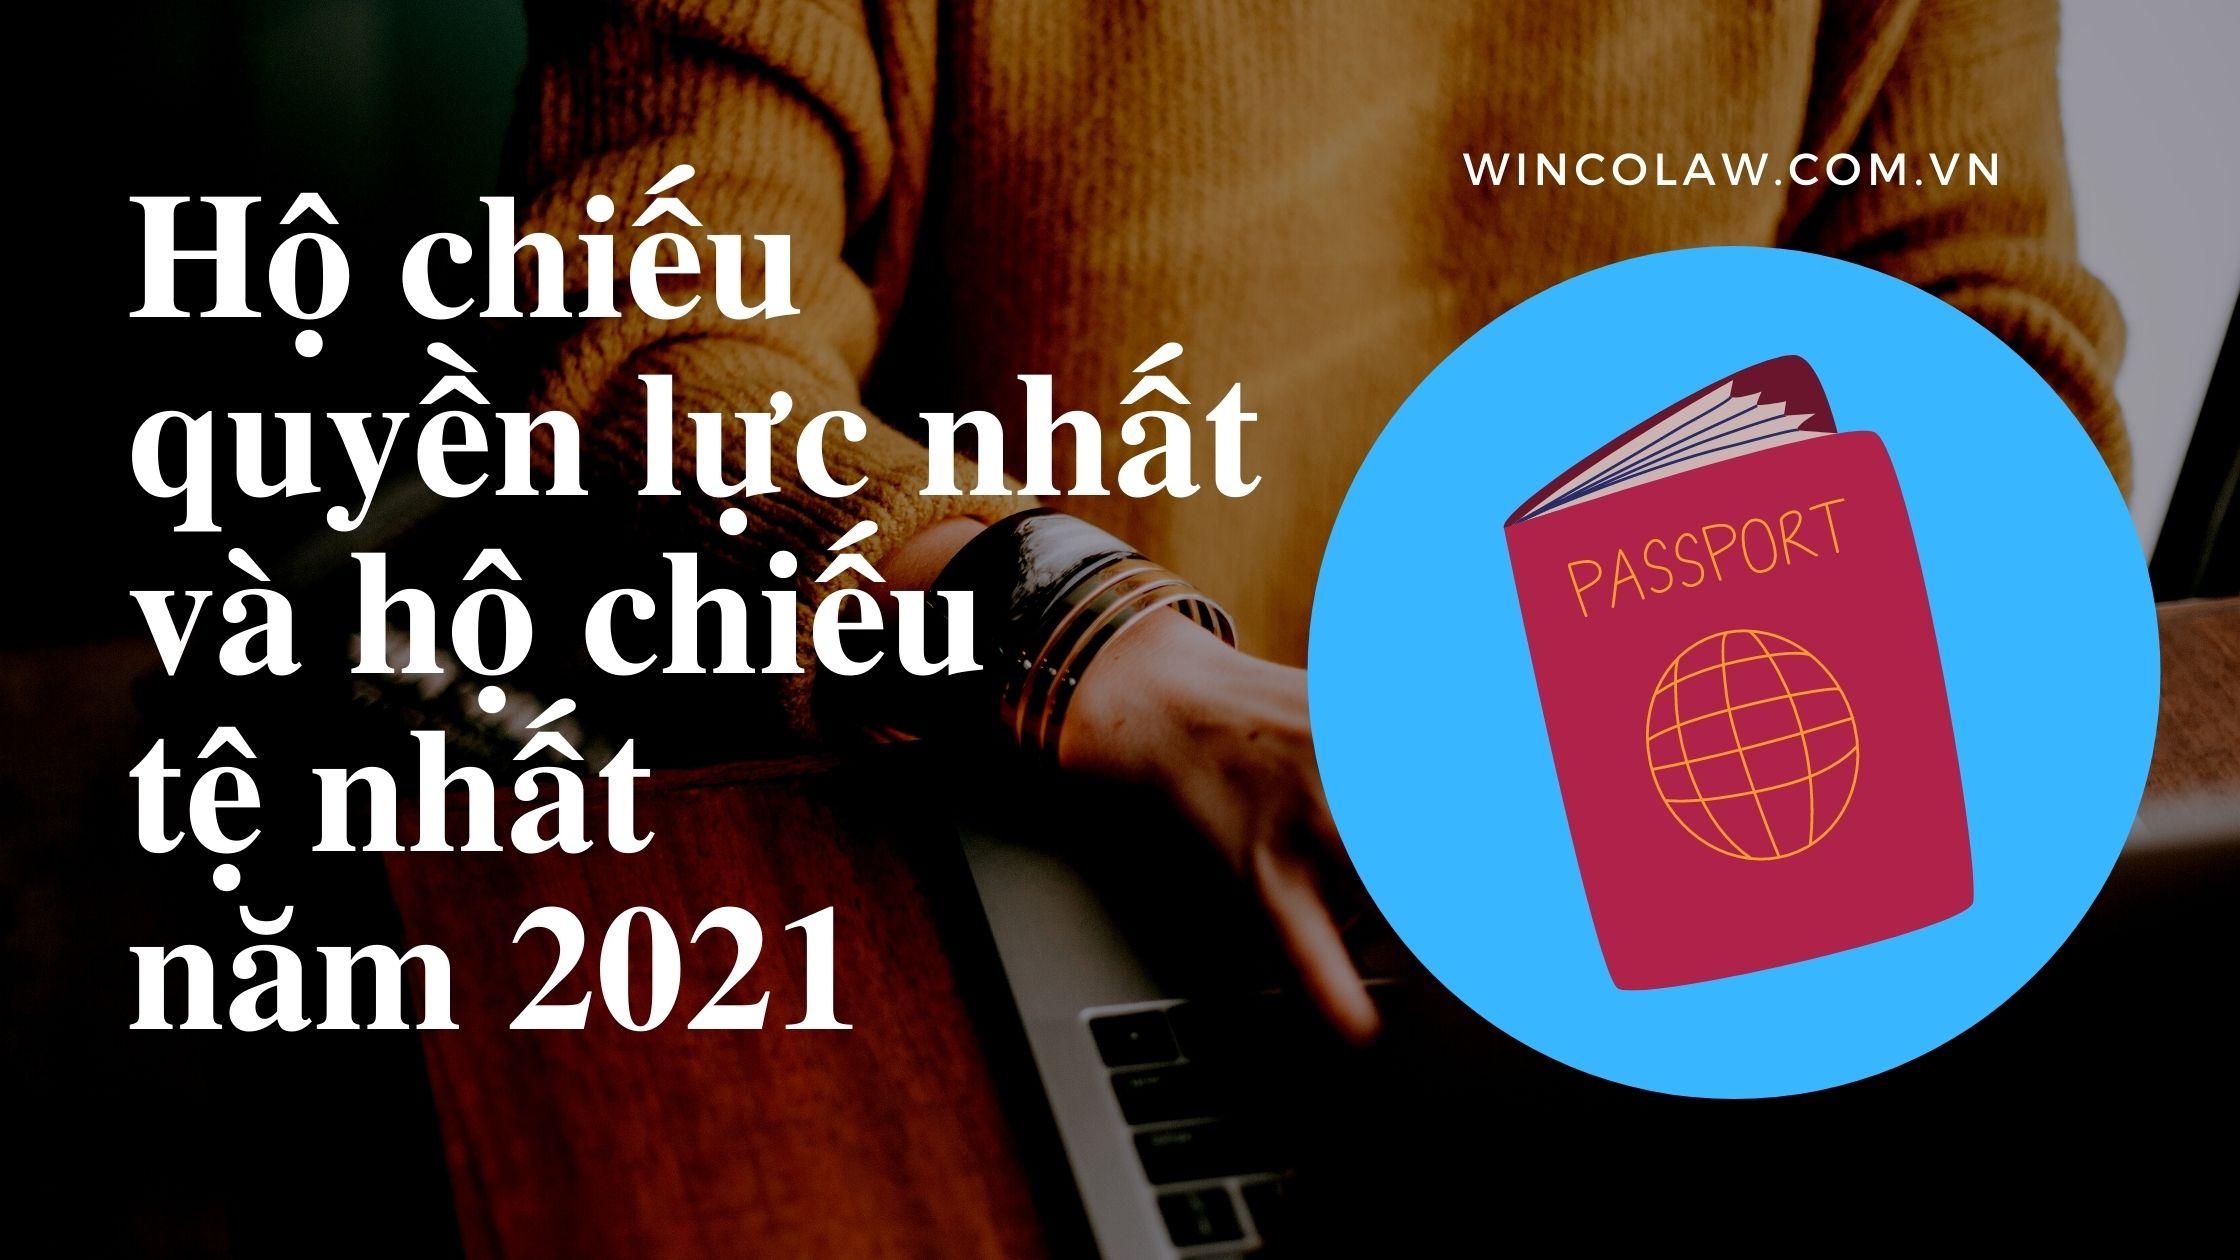 Hộ chiếu quyền lực nhất và hộ chiếu tệ nhất năm 2021